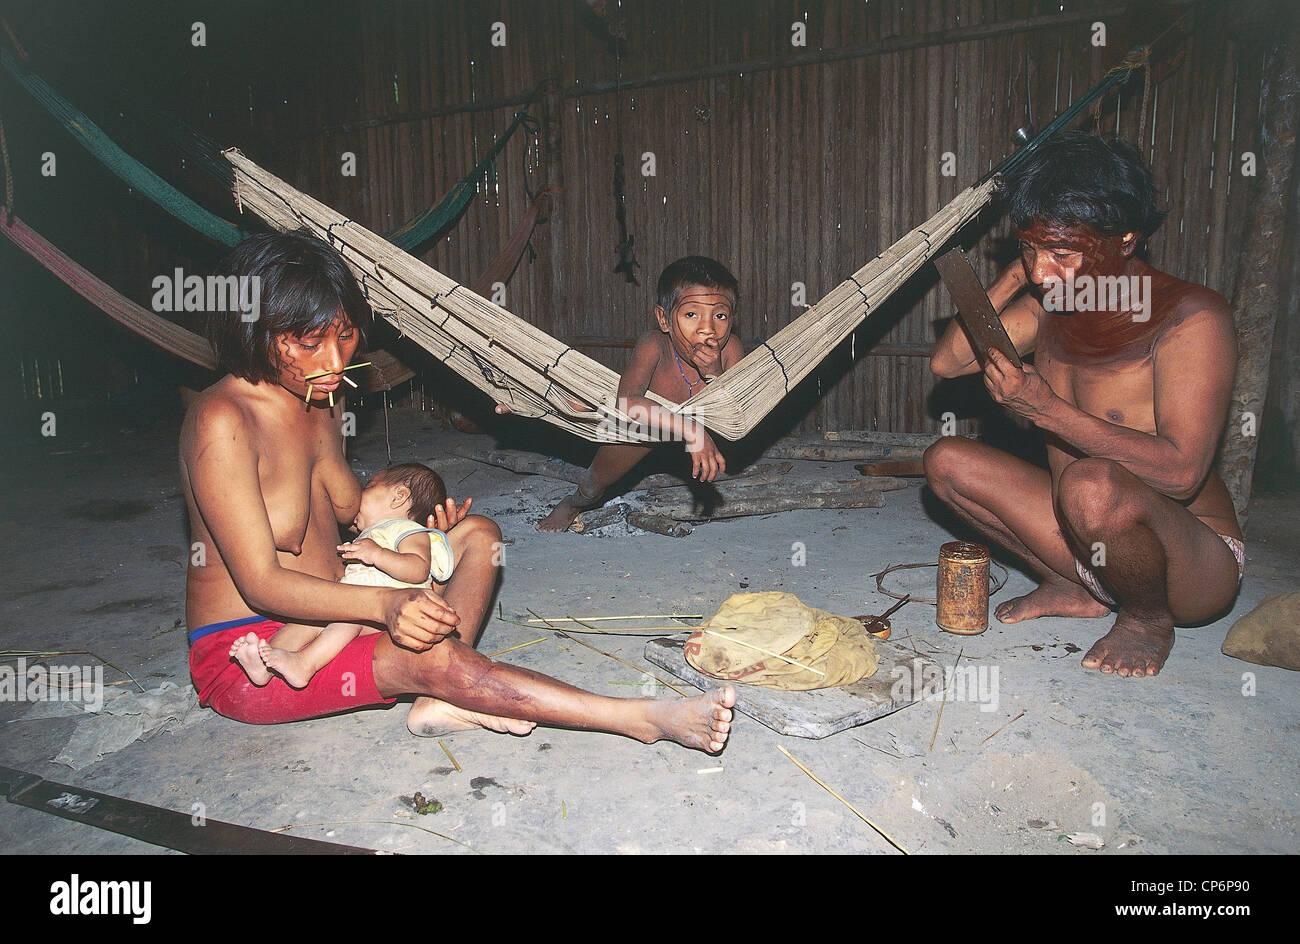 Amazon tribe nudist pornos download